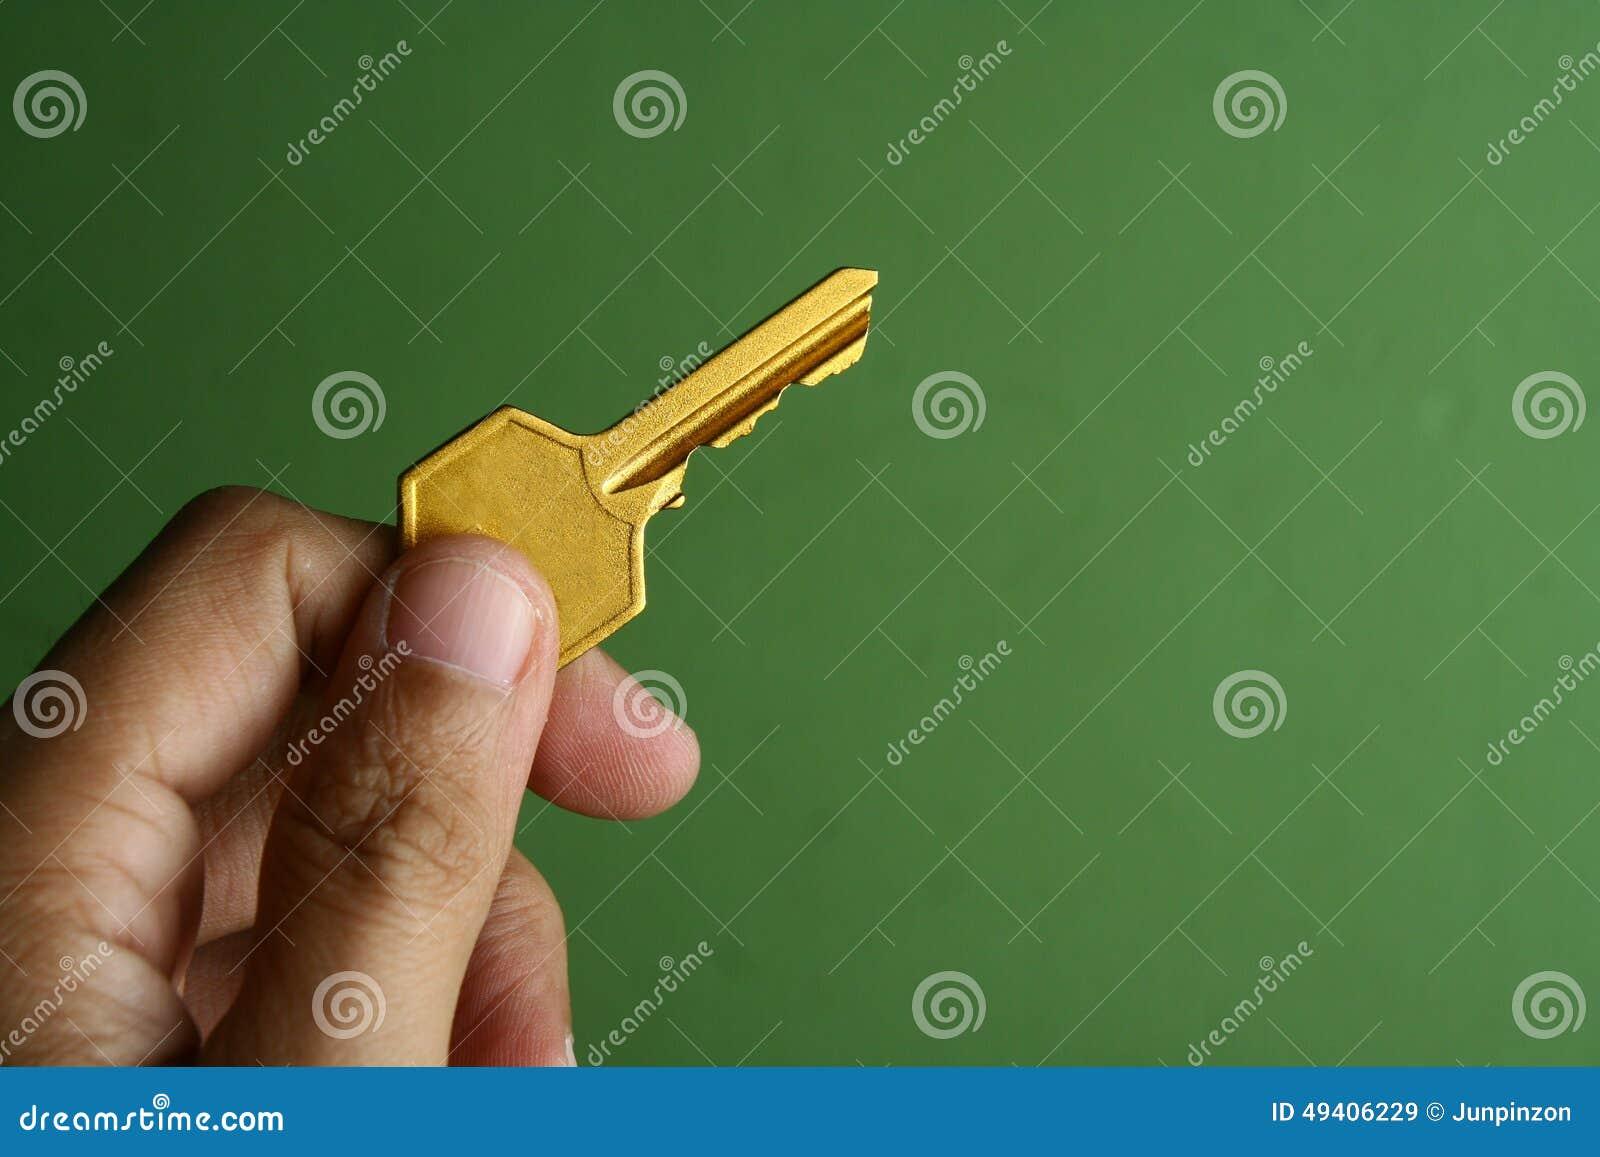 Download Goldener Schlüssel In Der Hand Gehalten Stockbild - Bild von einfluß, metall: 49406229